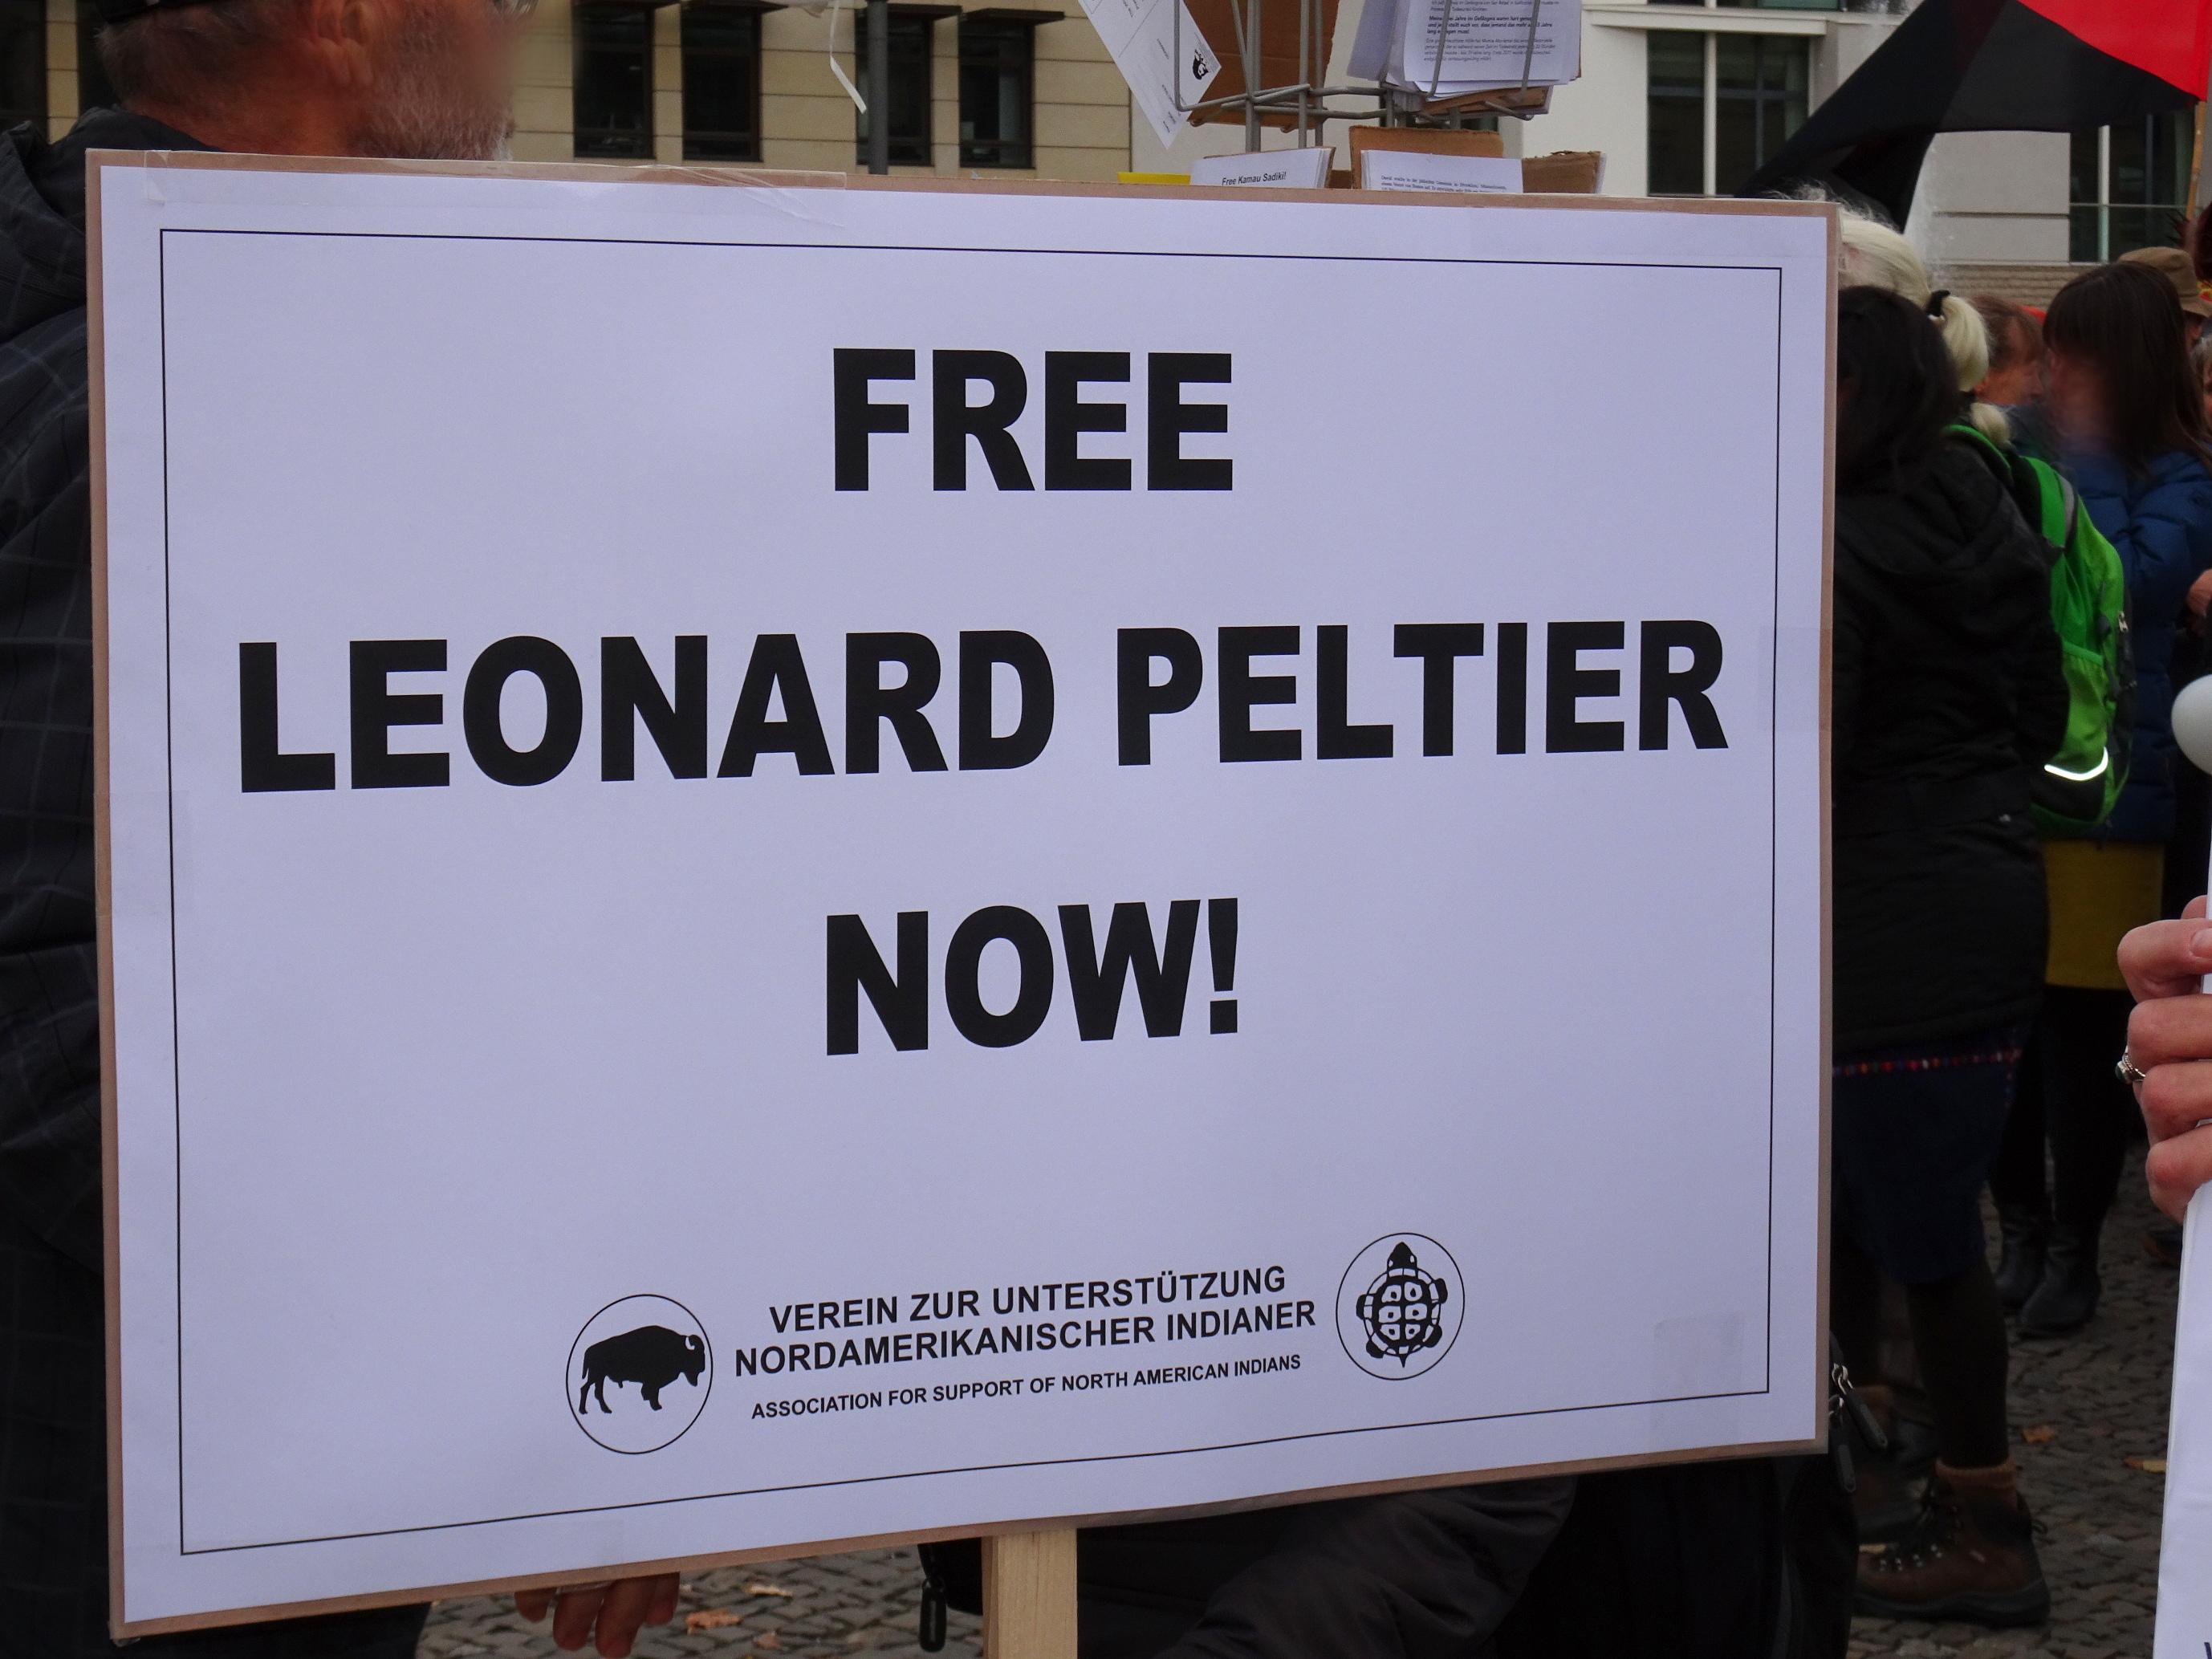 Free Leonard Peltier Now!